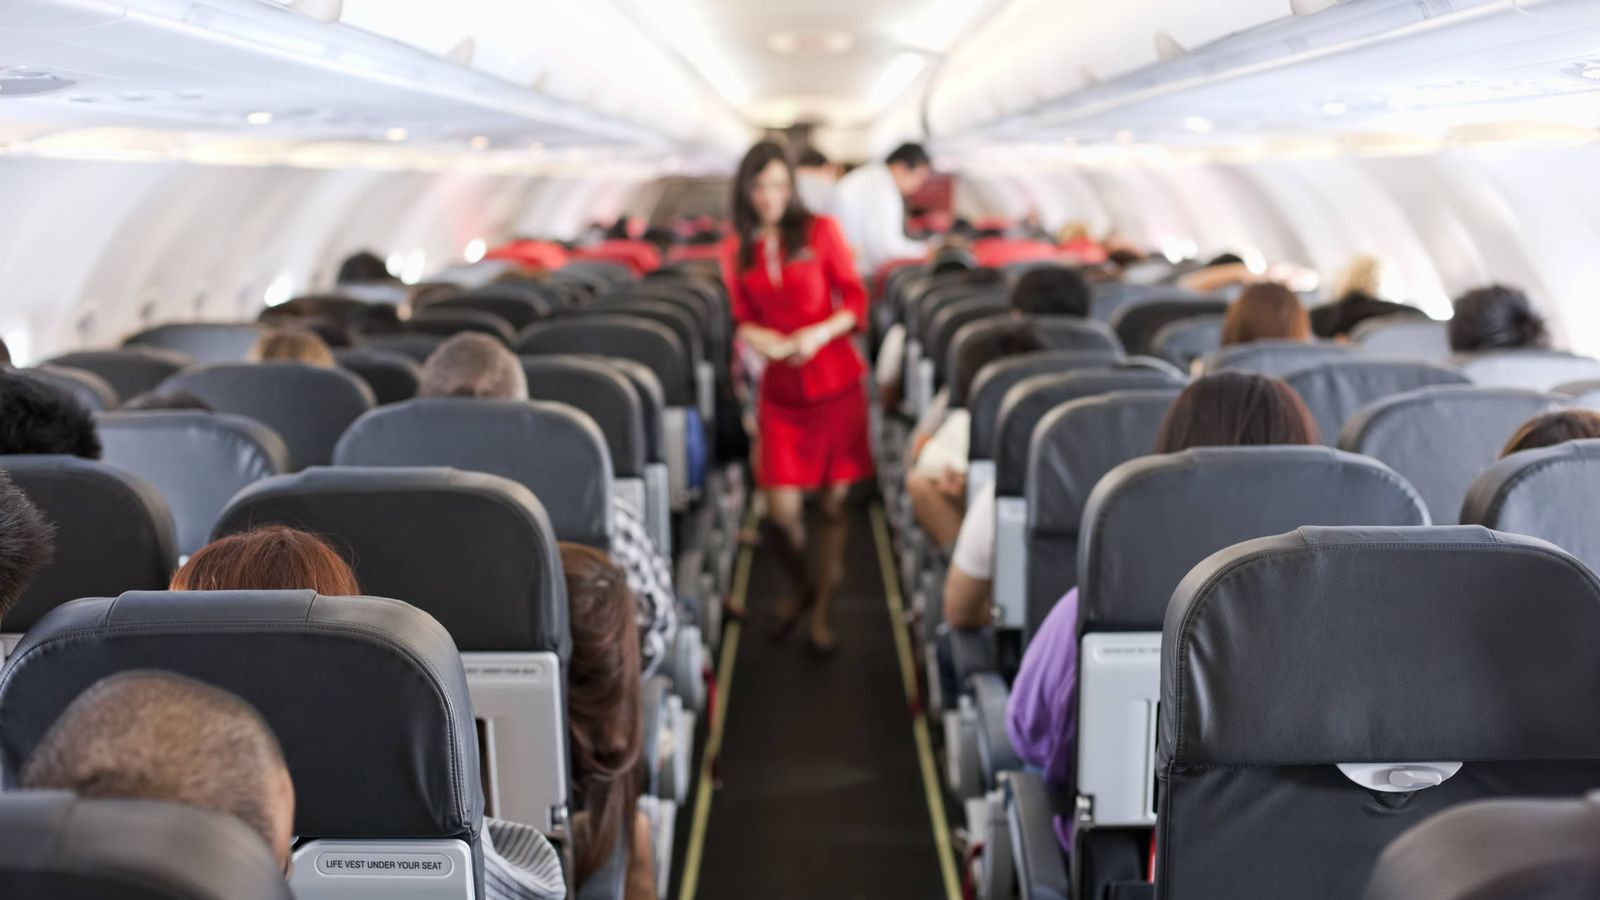 Viajar en avión: Los asientos que debes evitar en un avión, según ...